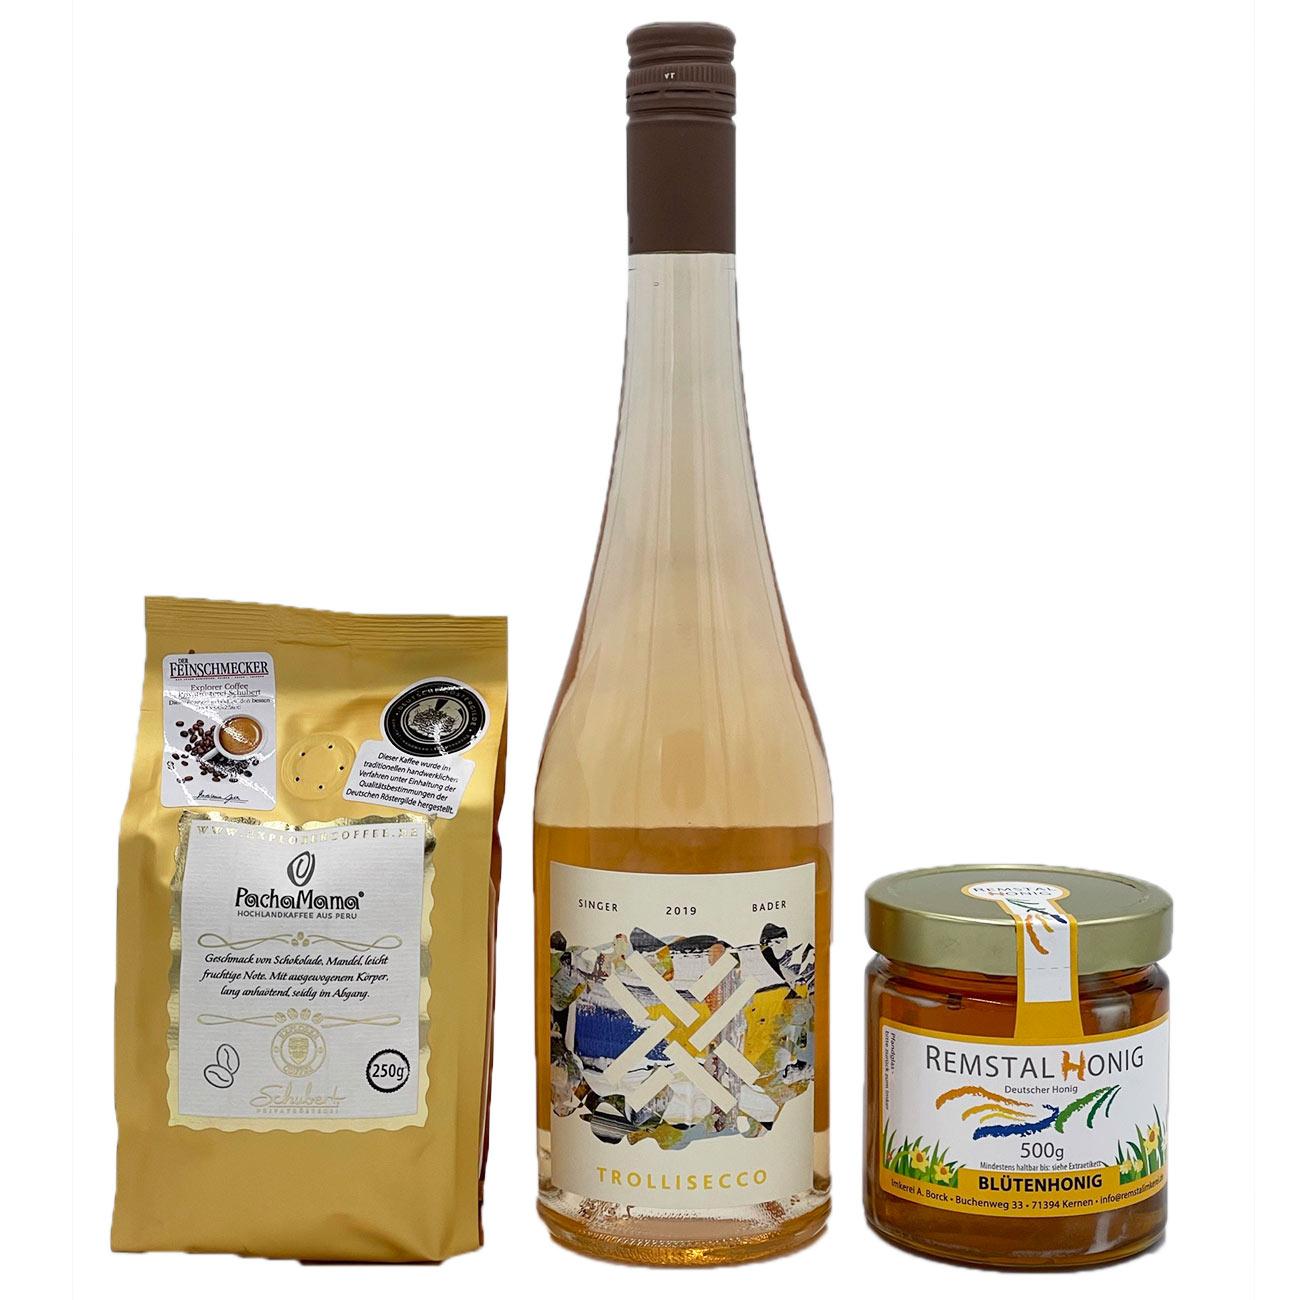 Weinkorb: Remstalpaket mit Trollisecco und Kaffee